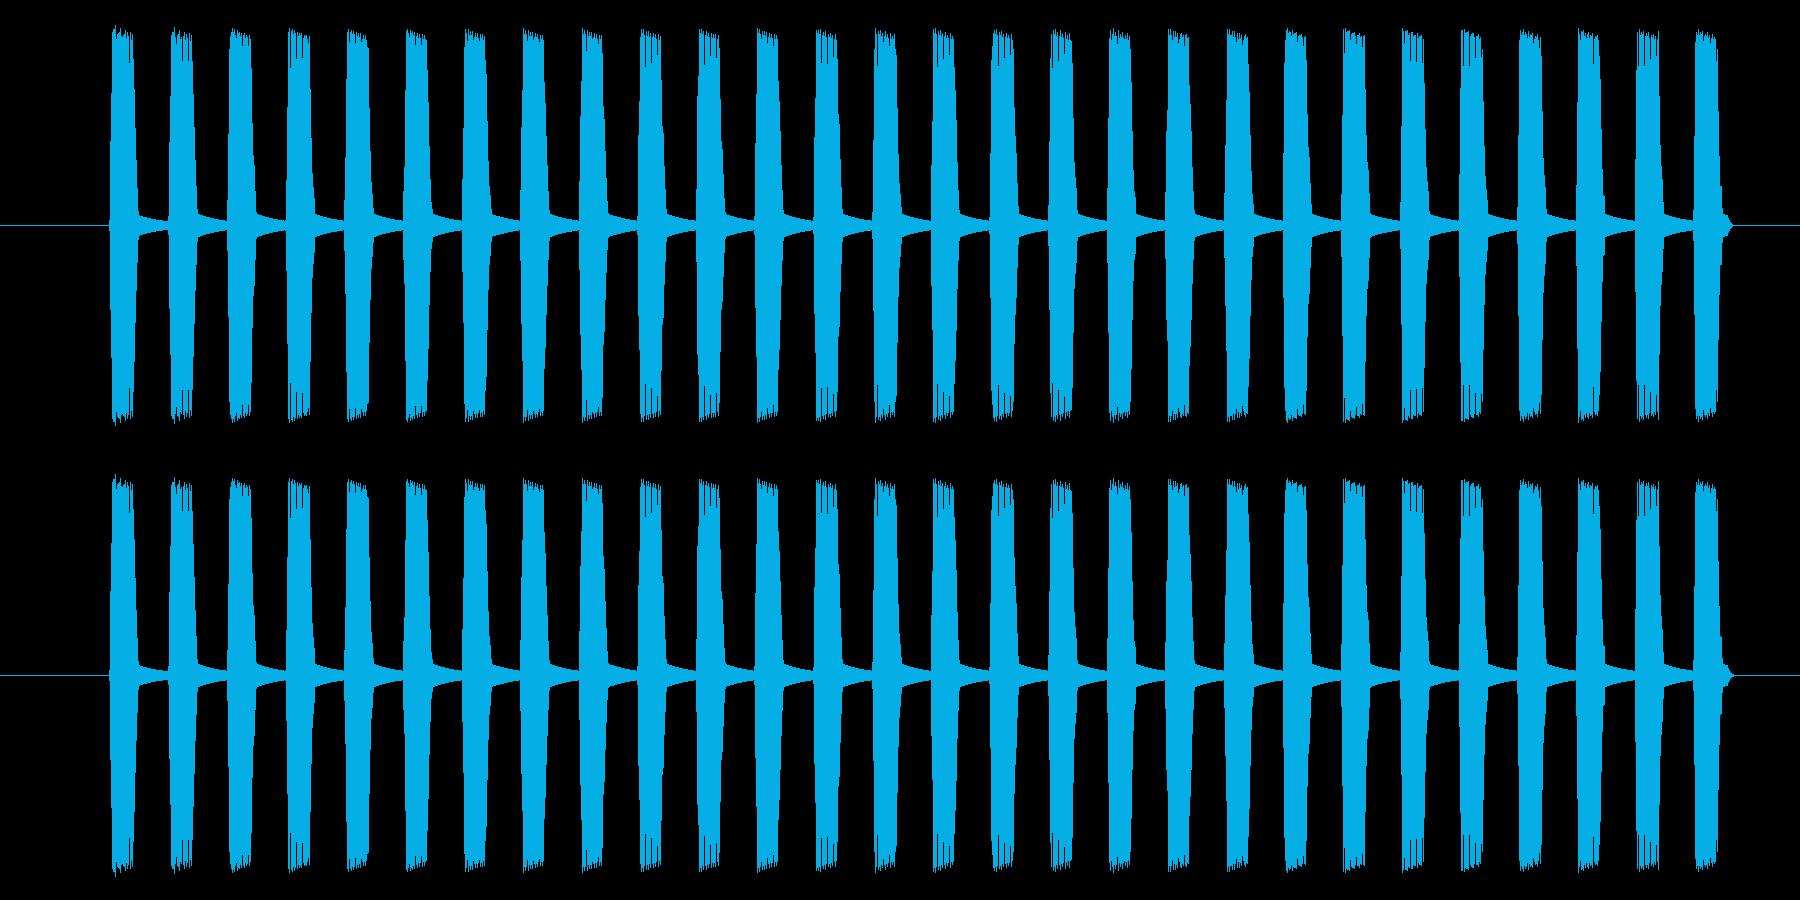 SNES シューティング02-16(スコの再生済みの波形